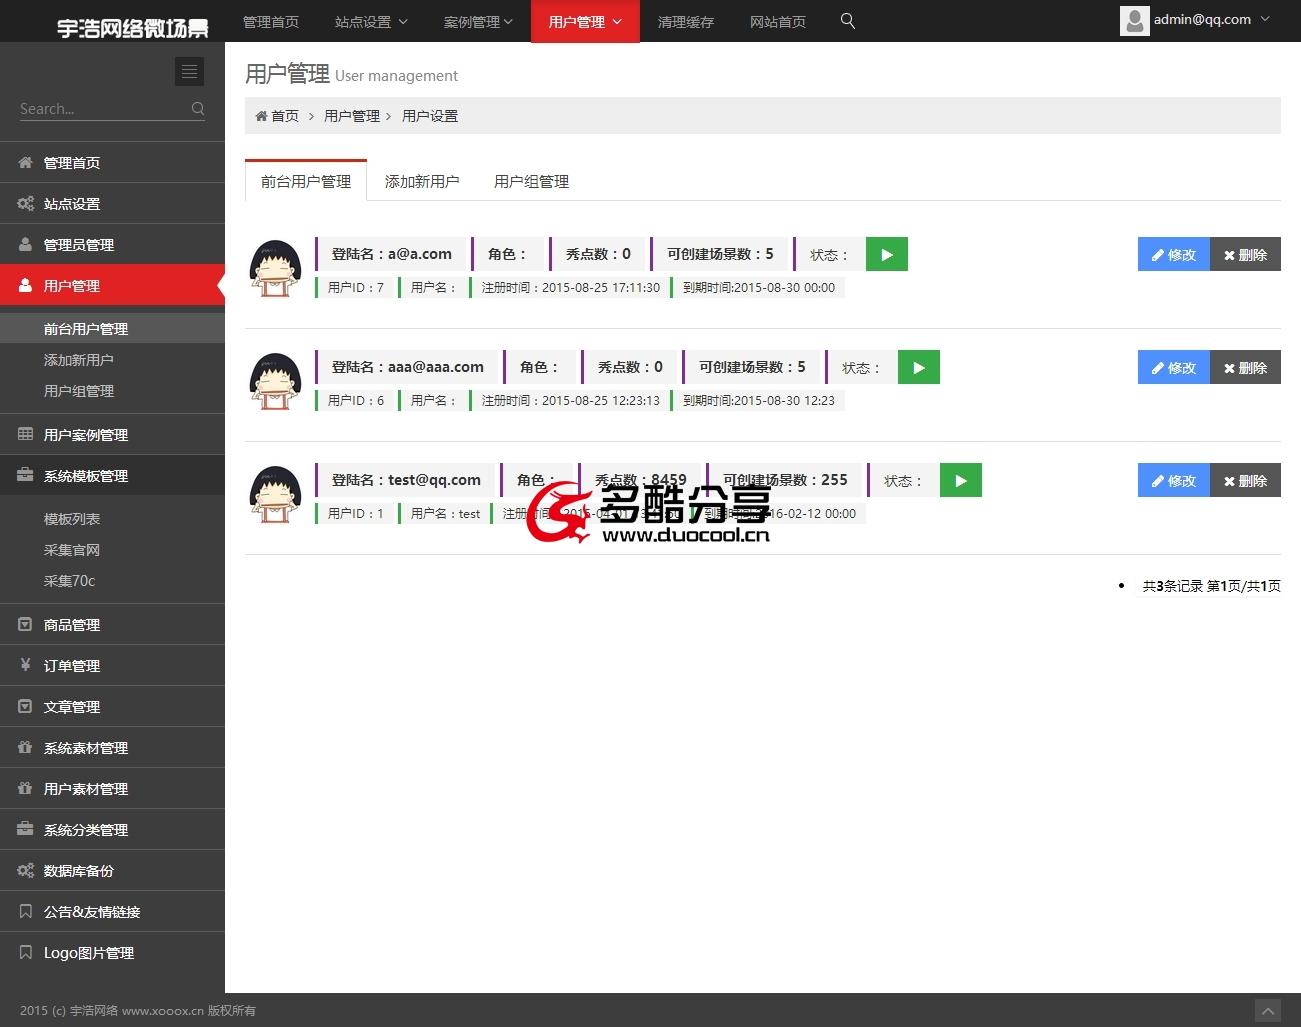 【商业源码】易企秀增强版--多酷分享(duocool.cn)